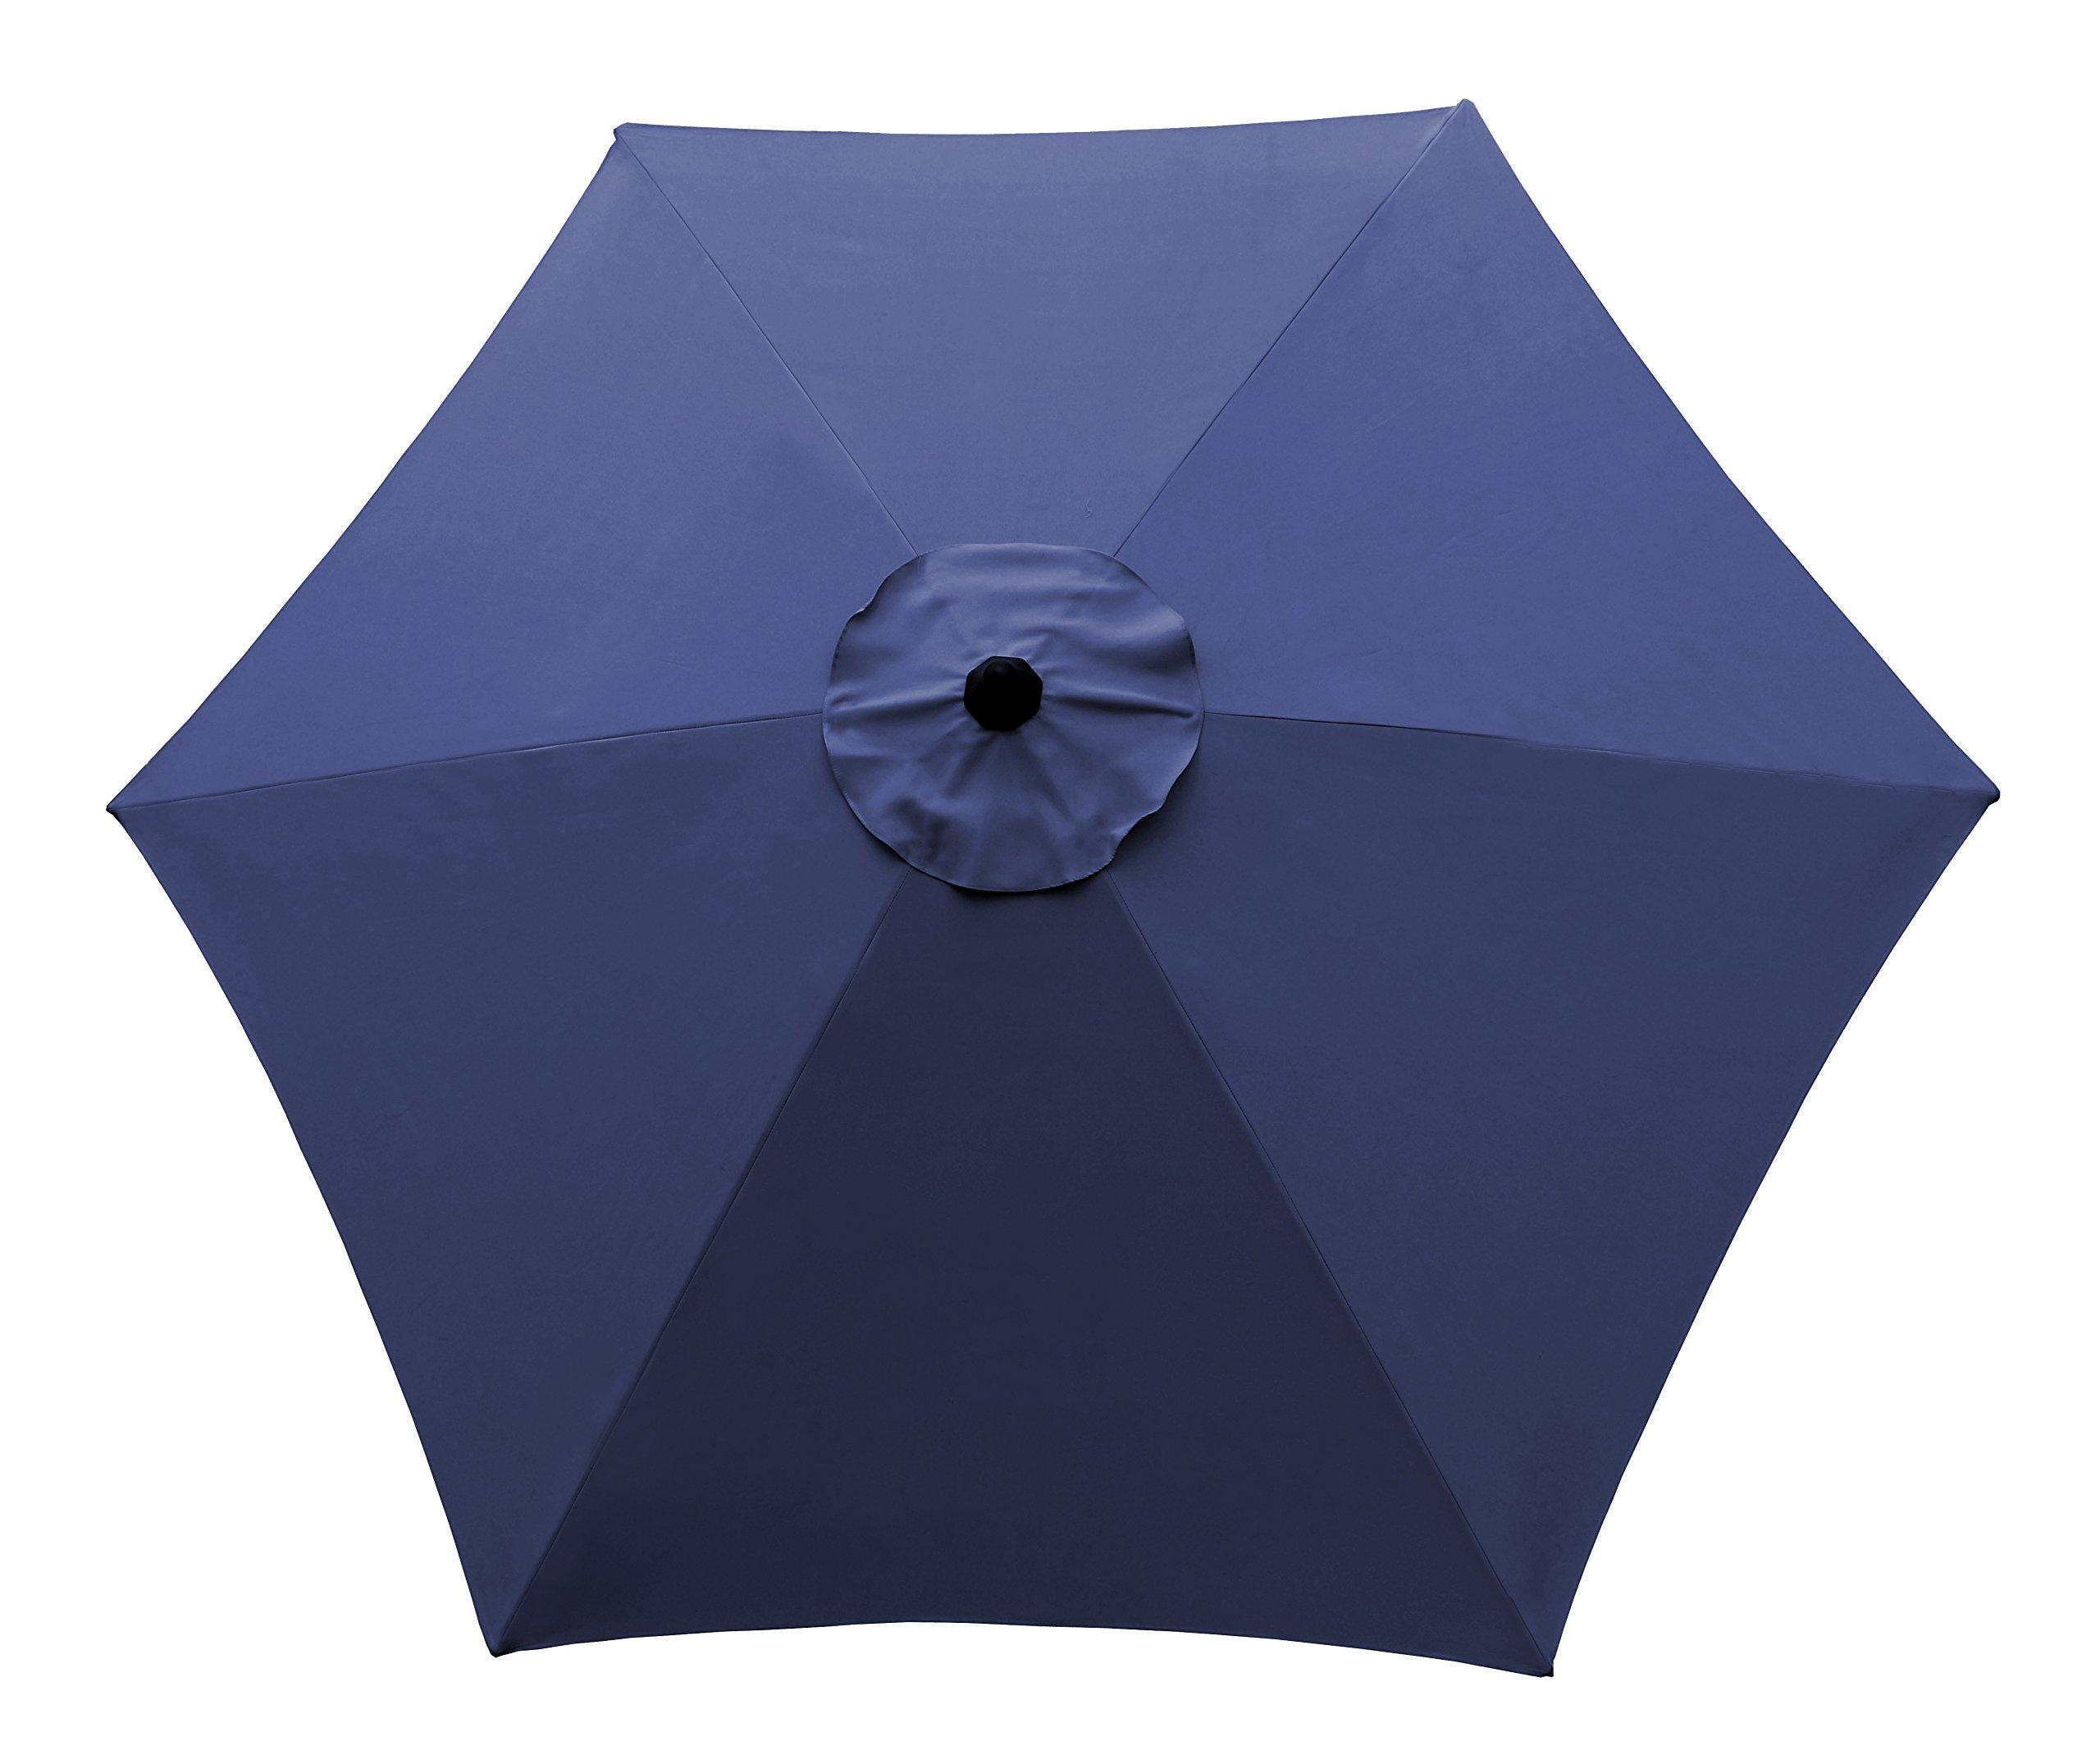 CORAL CASTLE 9' Patio Umbrella (Navy) by CORAL CASTLE (Image #3)